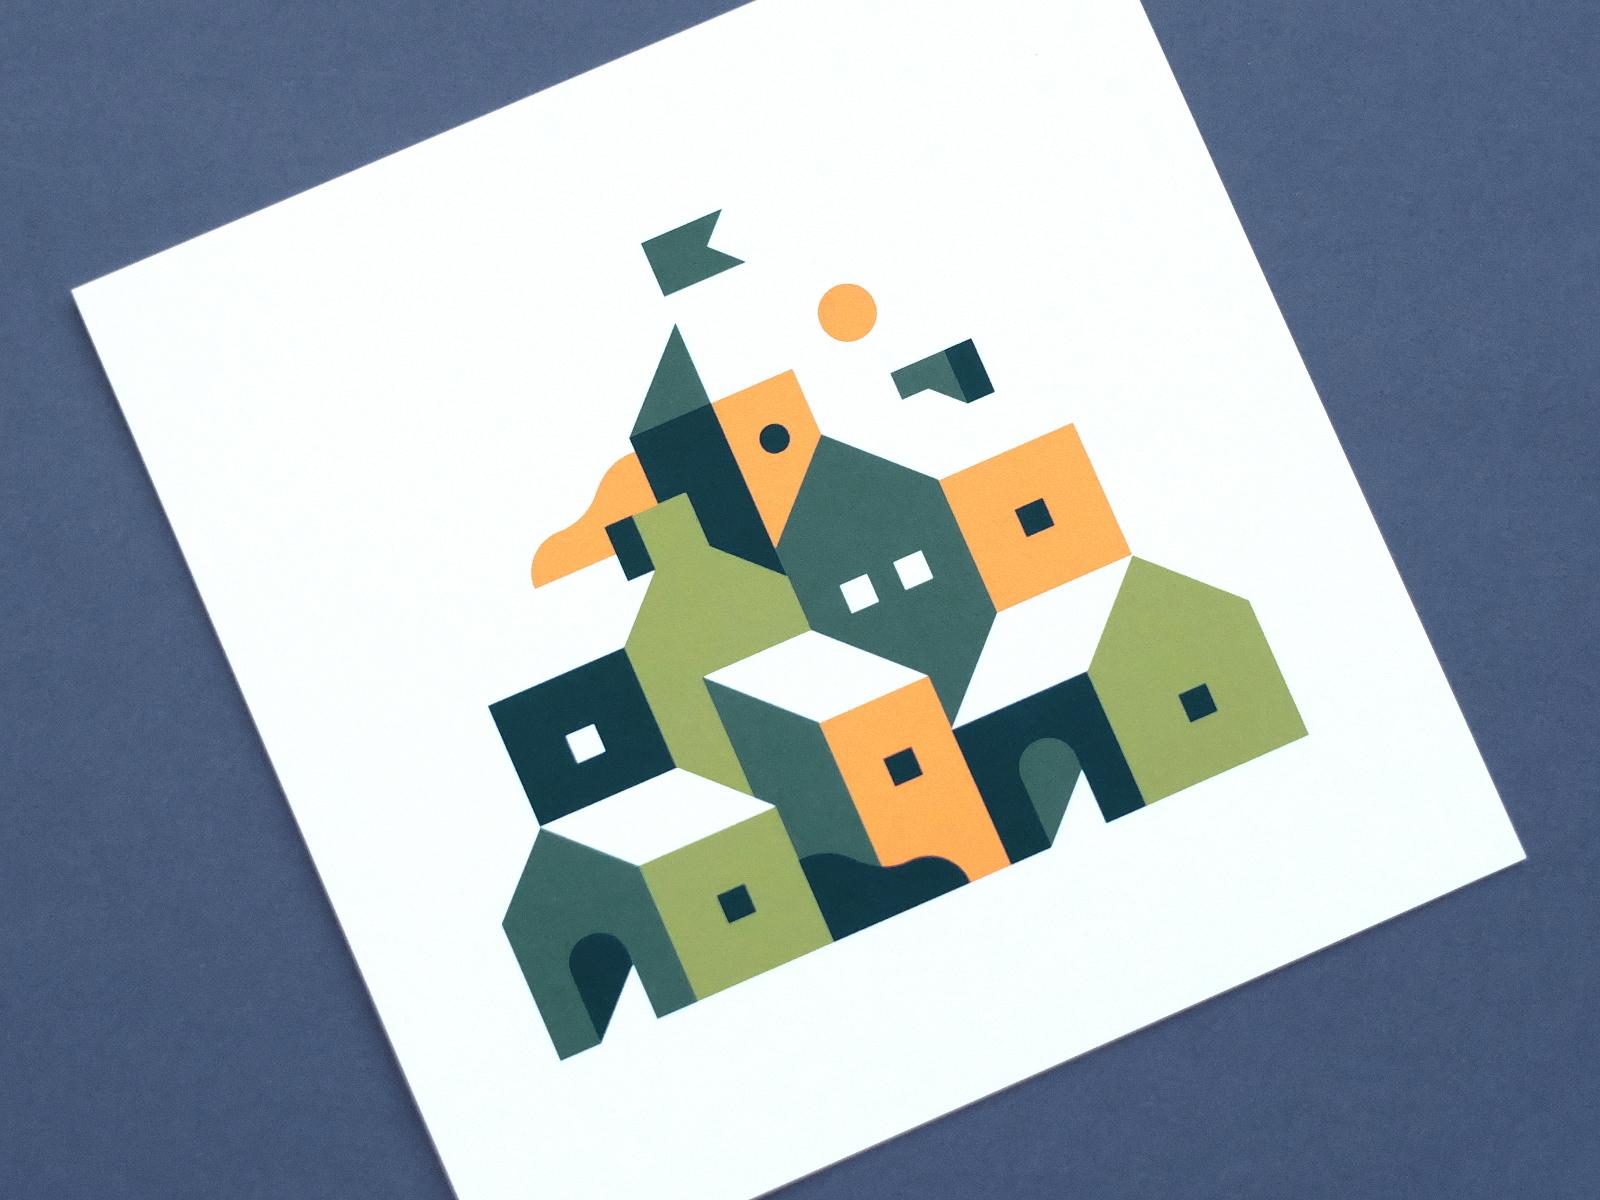 green-town-photo-2-dribbble-alex-pasquarella.jpg